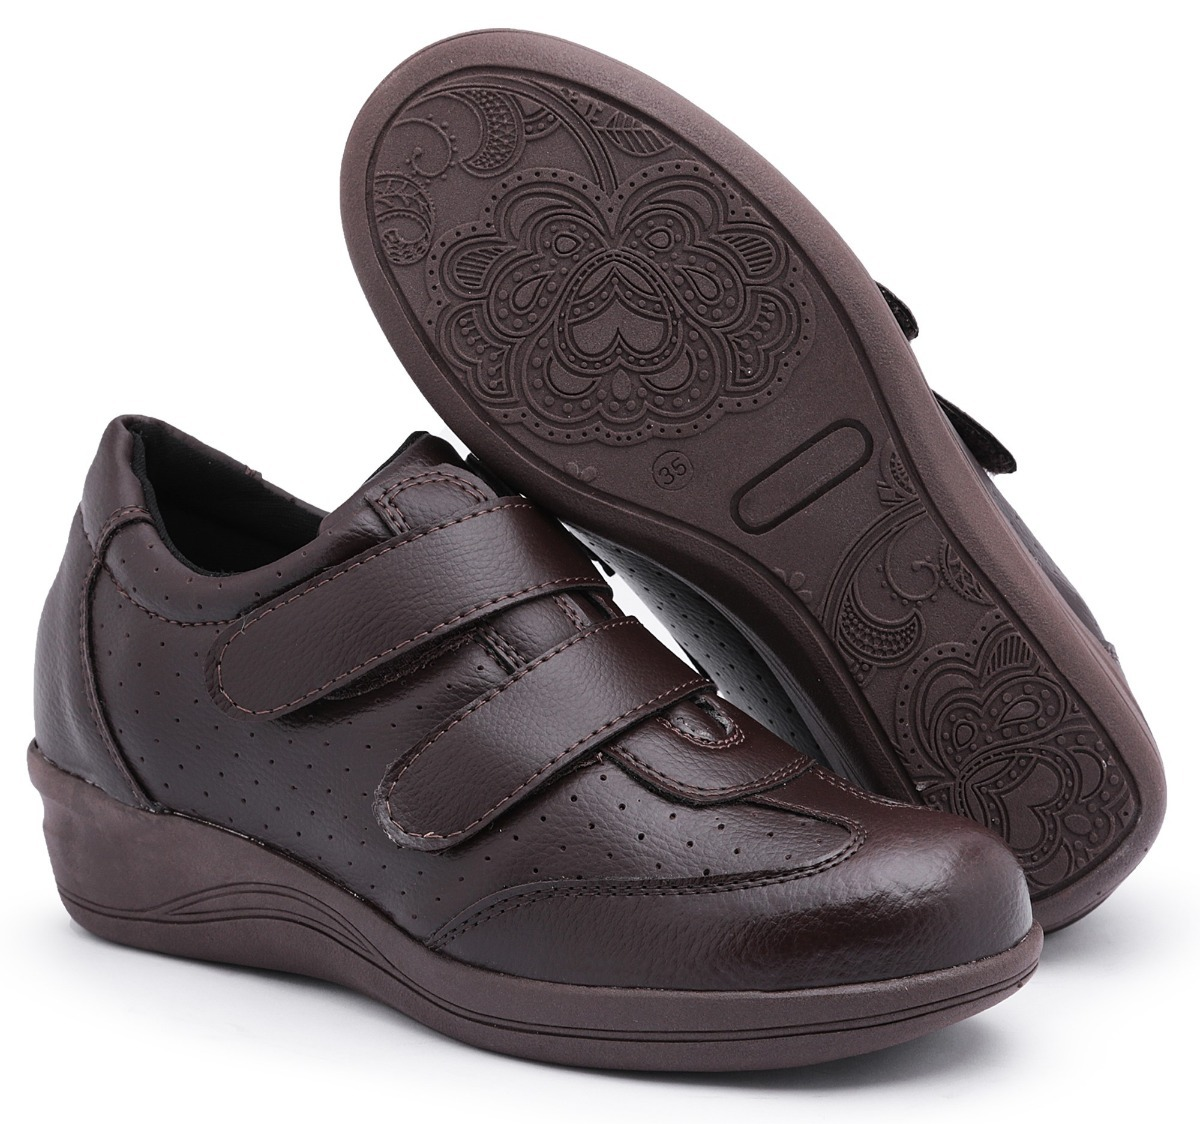 ec9456960e1 sapato tênis feminino anabela p idosas - preço baixo oferta. Carregando  zoom.